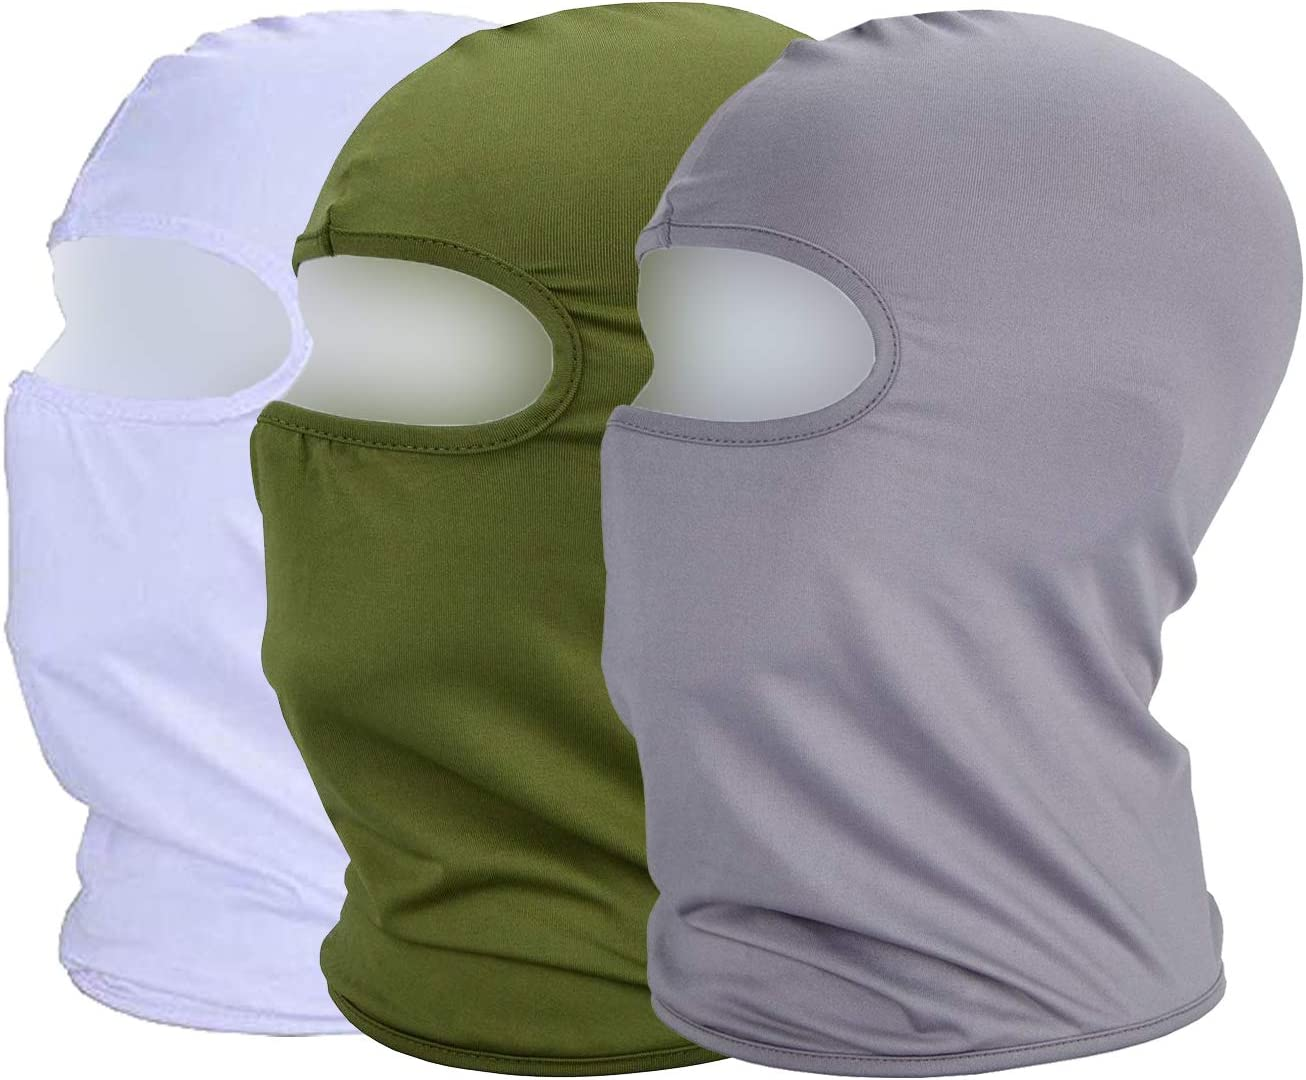 MAYOUTH Maschera Viso Estivo Passamontagna UV//Sole Protezione Polvere Sottile Traspirante Tessuto Elastico Antivento Ciclismo Sport Outdoor Full Face Mask Confezione da 3